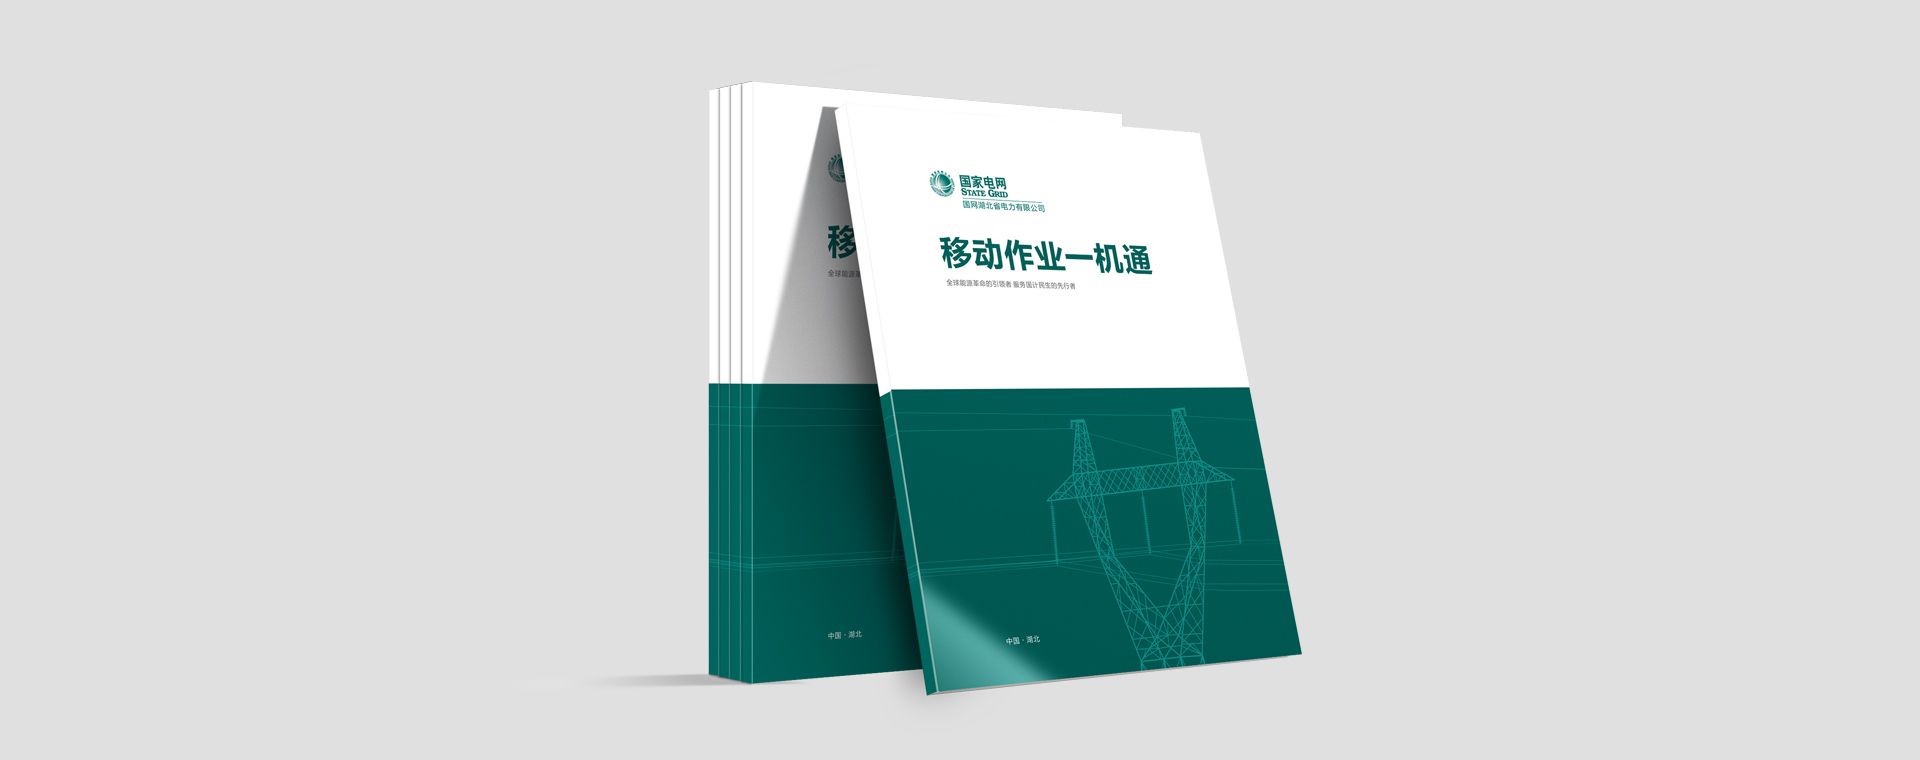 电力公司画册设计-国家电网